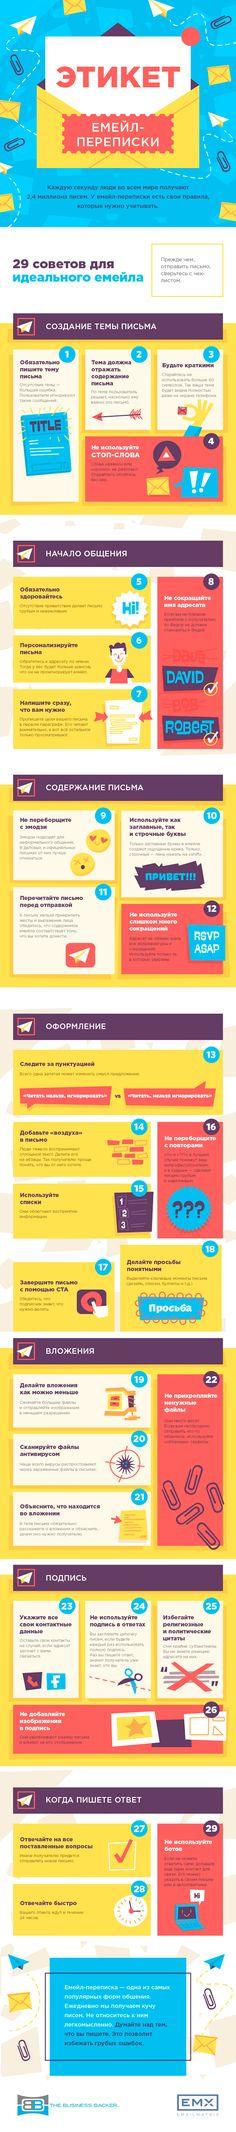 Рассказываем о правилах емейл-переписки, о которых нельзя забывать. #EMAILMATRIX #emailmarketing #infographic